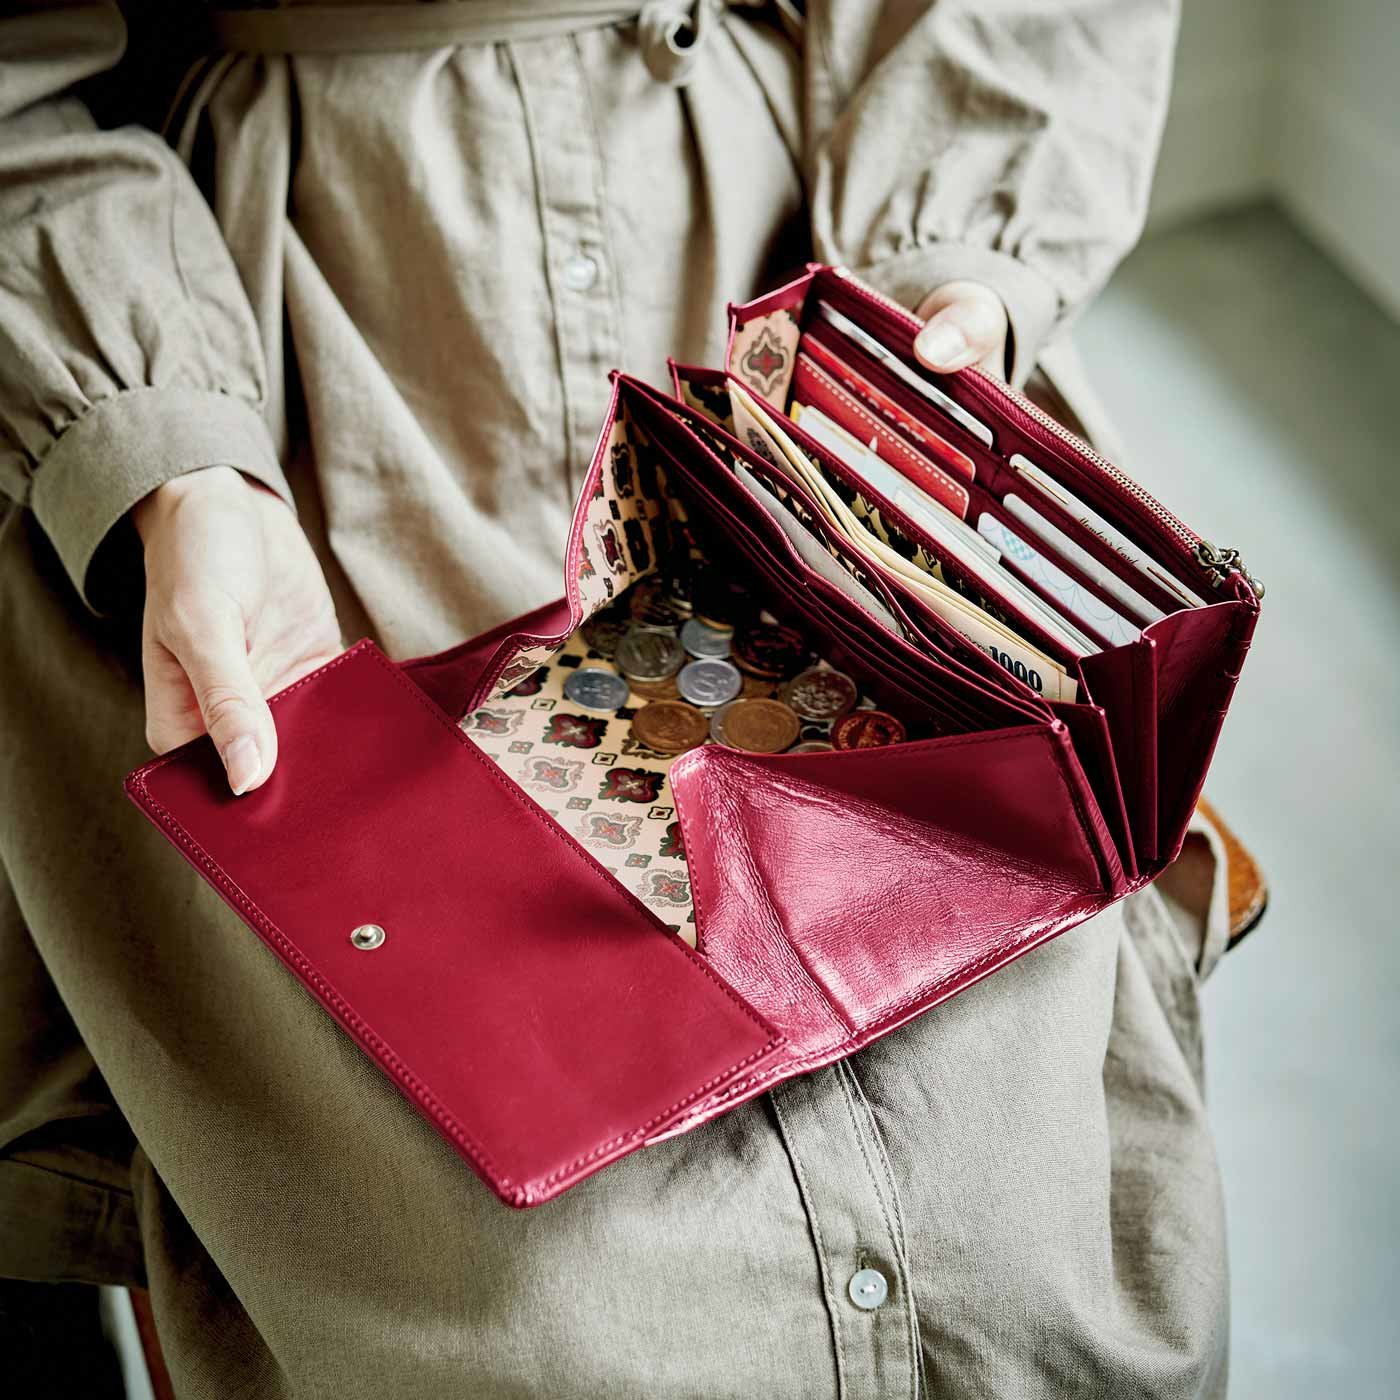 職人仕上げの馬革ギャルソン財布〈薔薇(ばら)色〉[本革 財布:日本製]